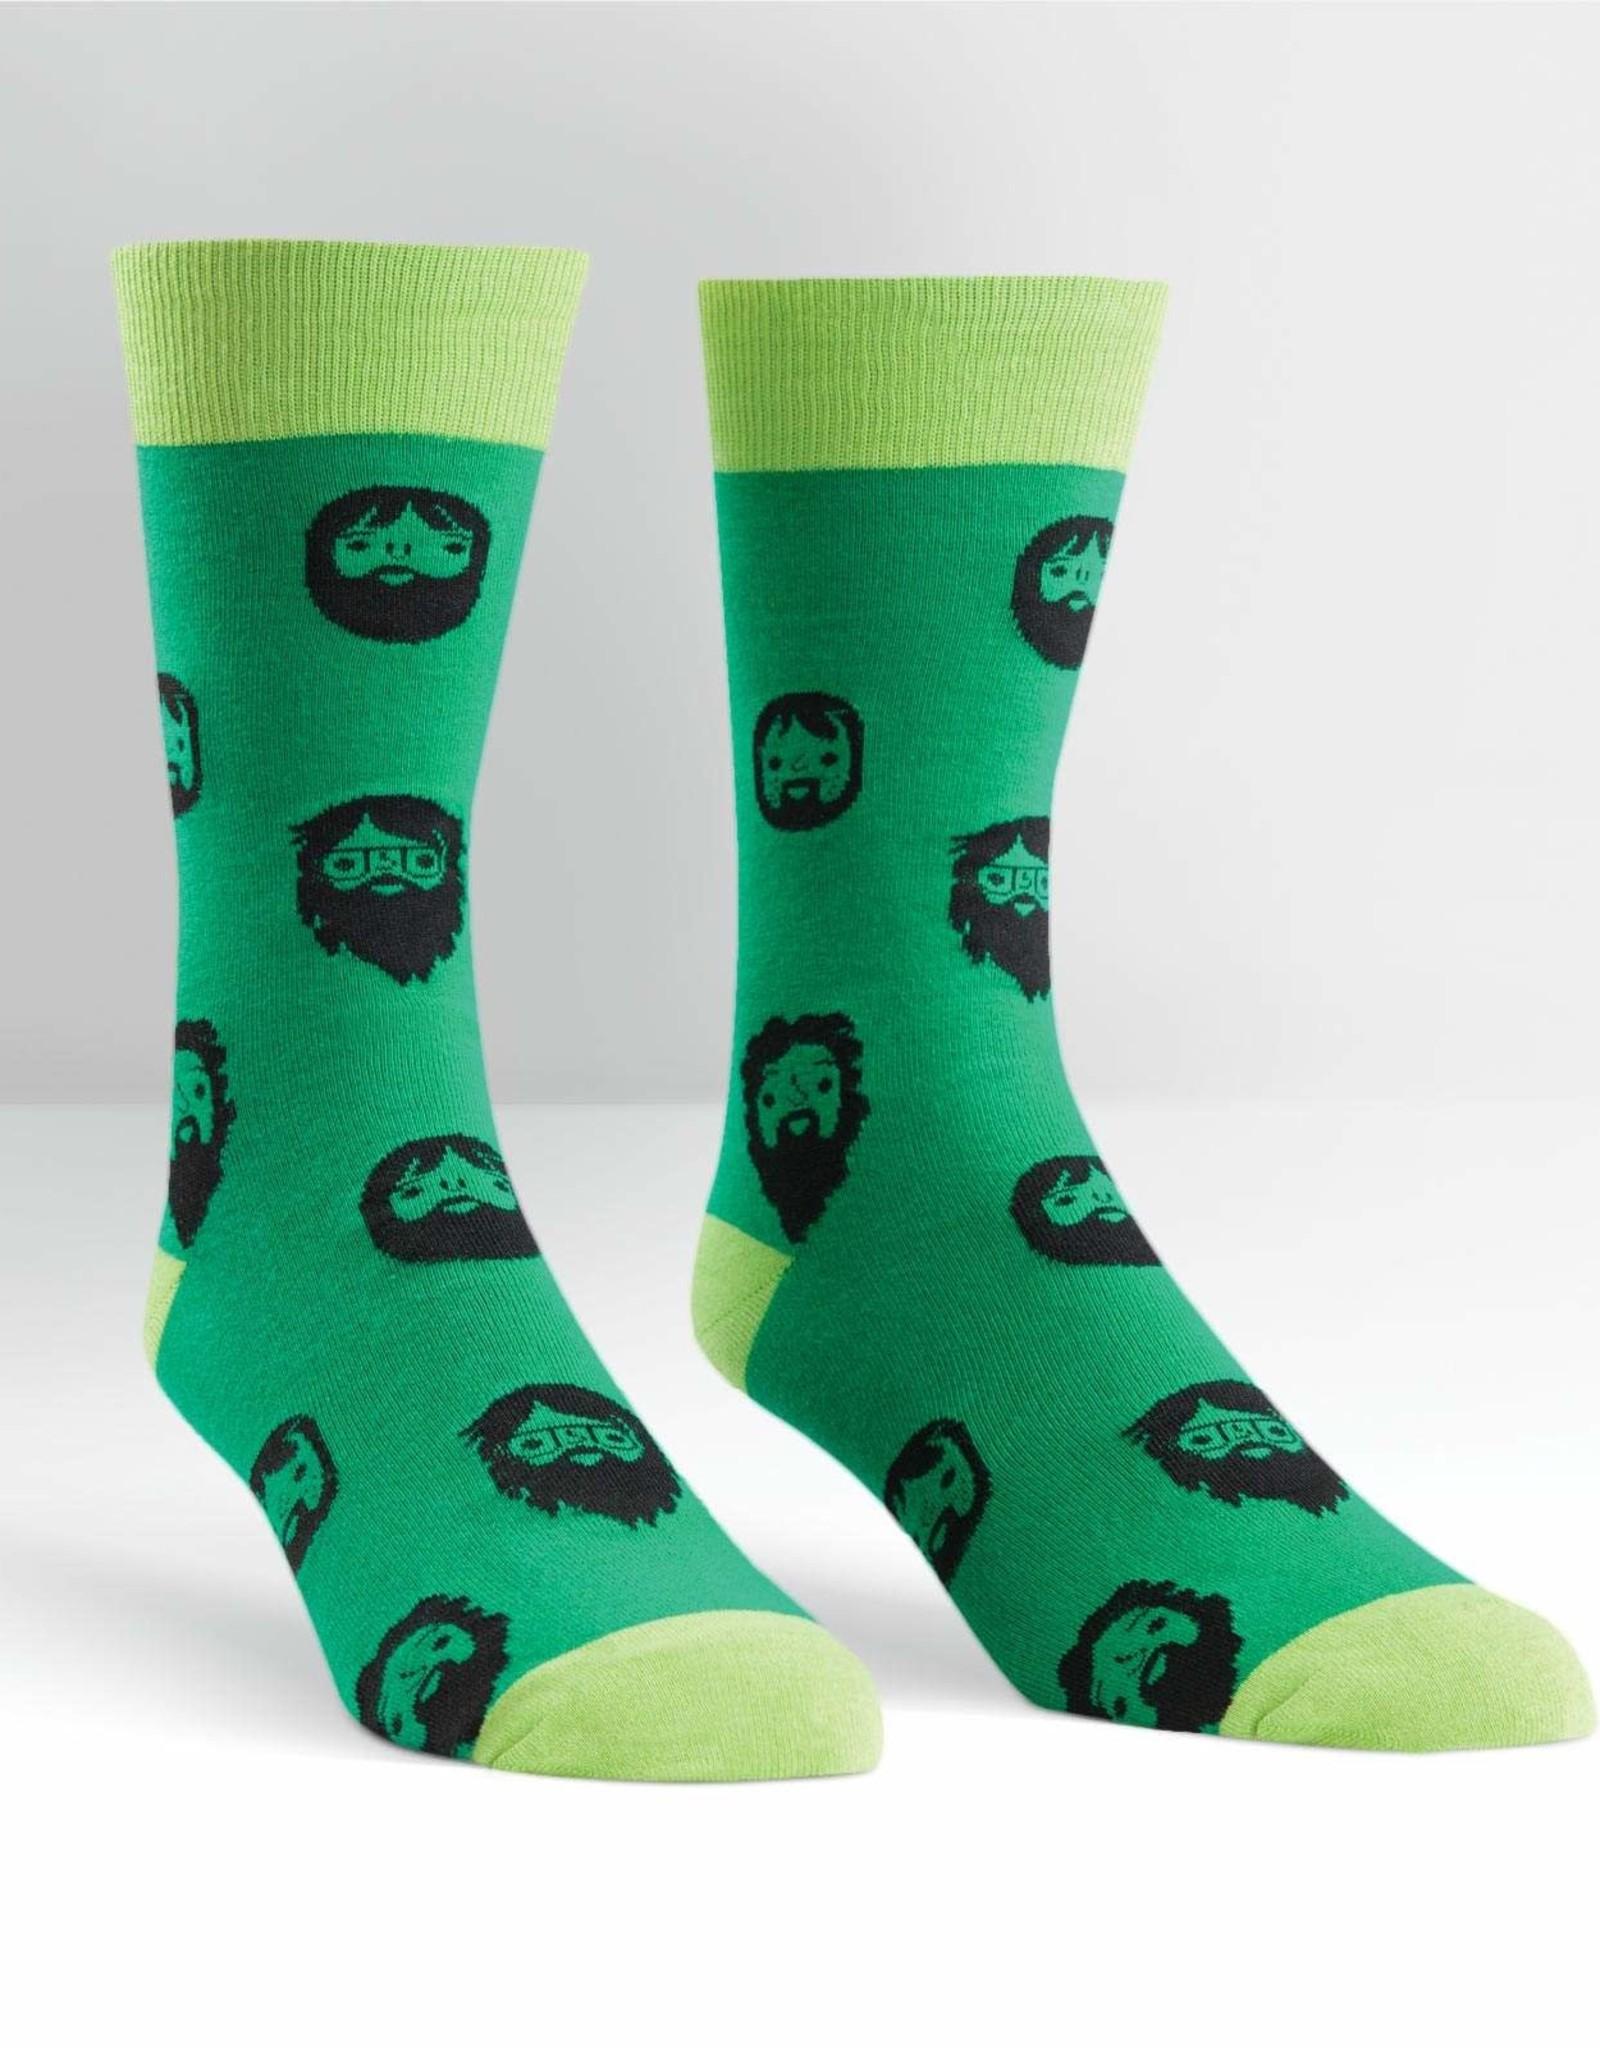 Socks (Mens)  - Beard